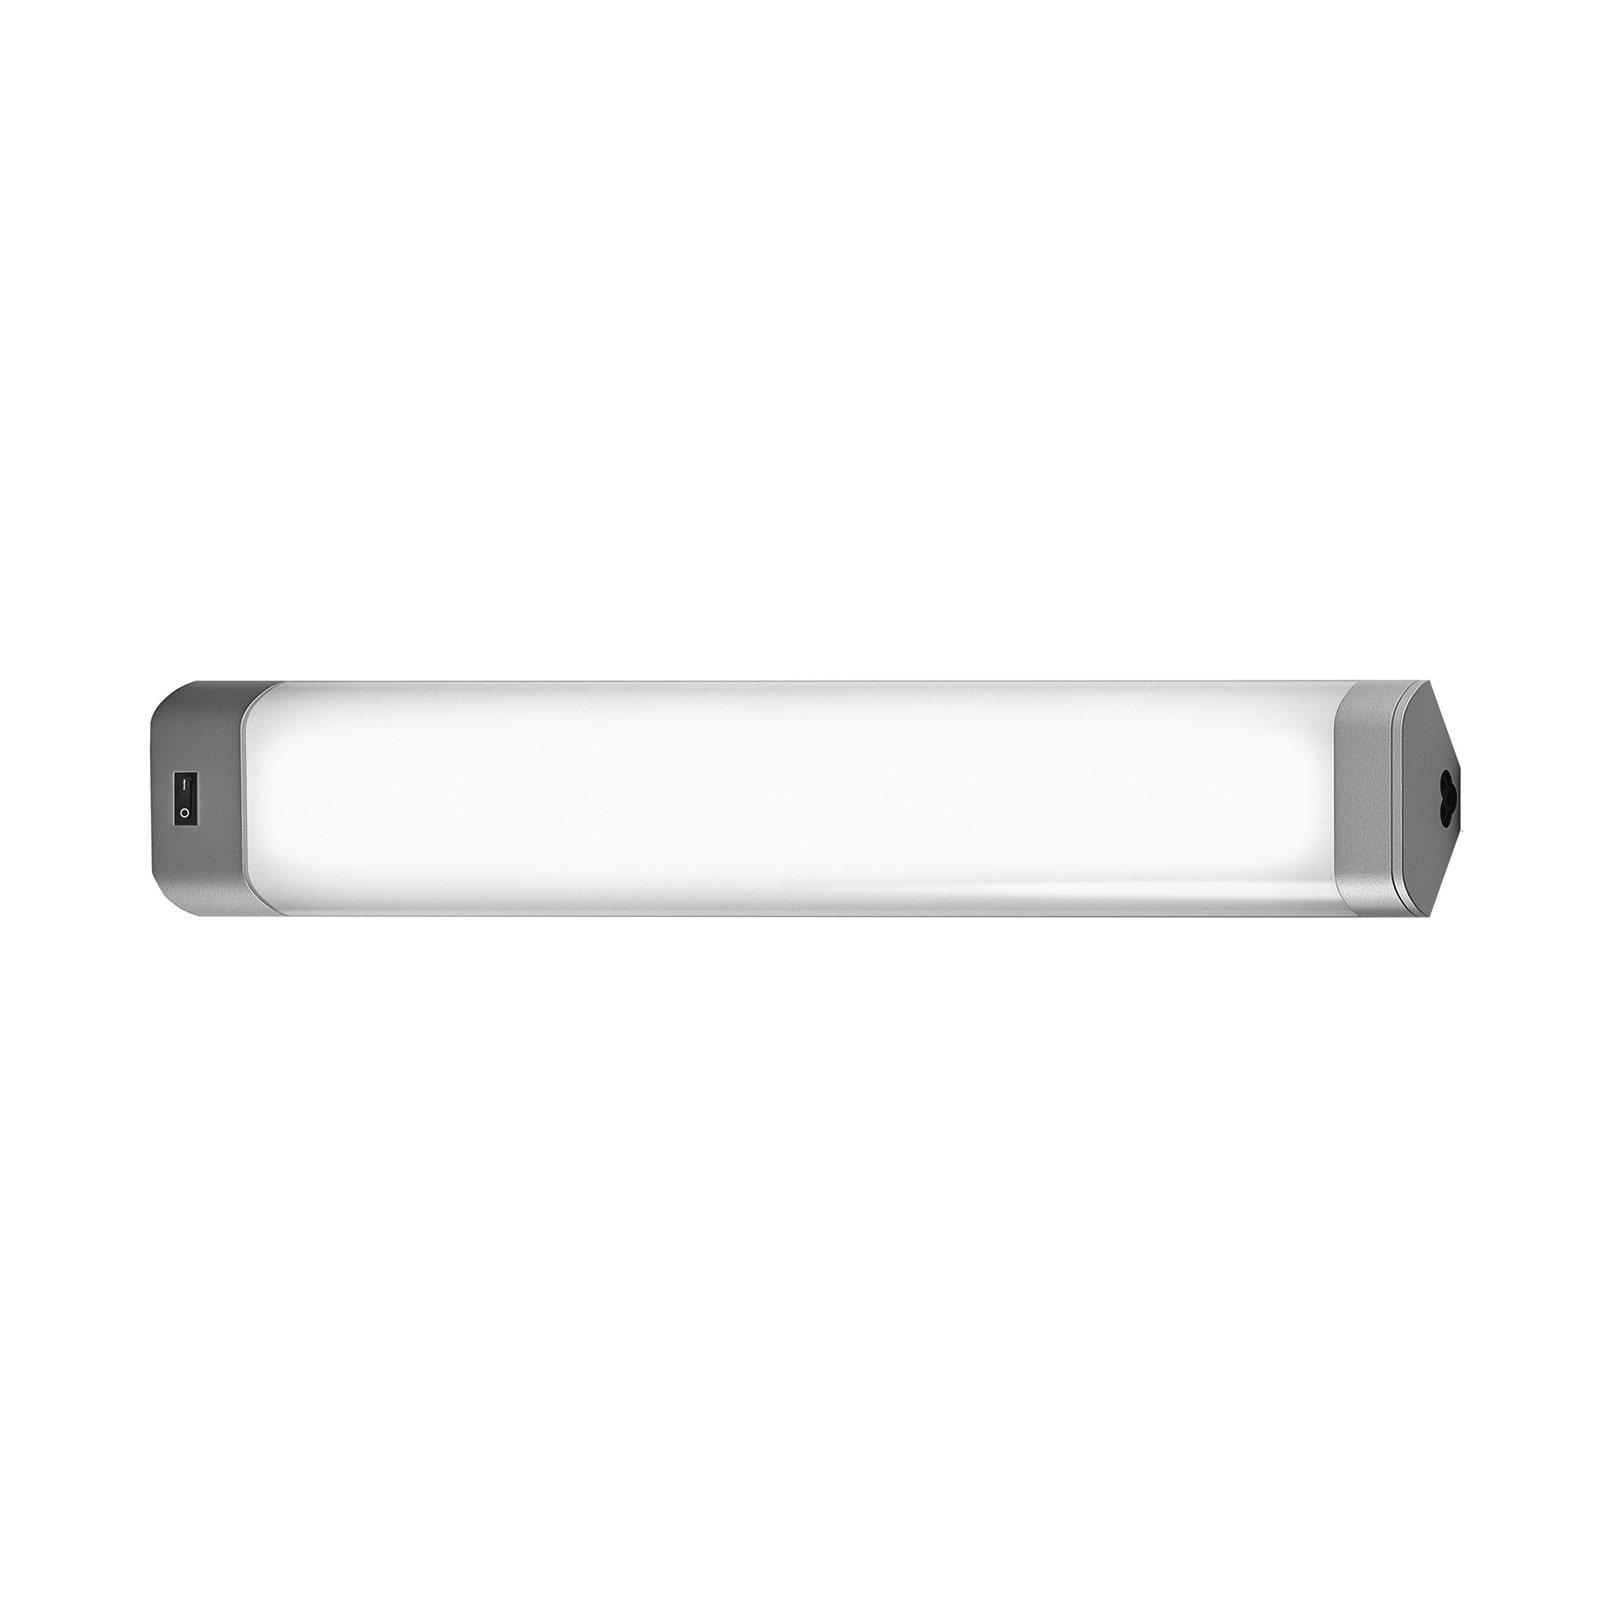 LEDVANCE Linear LED Corner benkarmatur 0,5 m